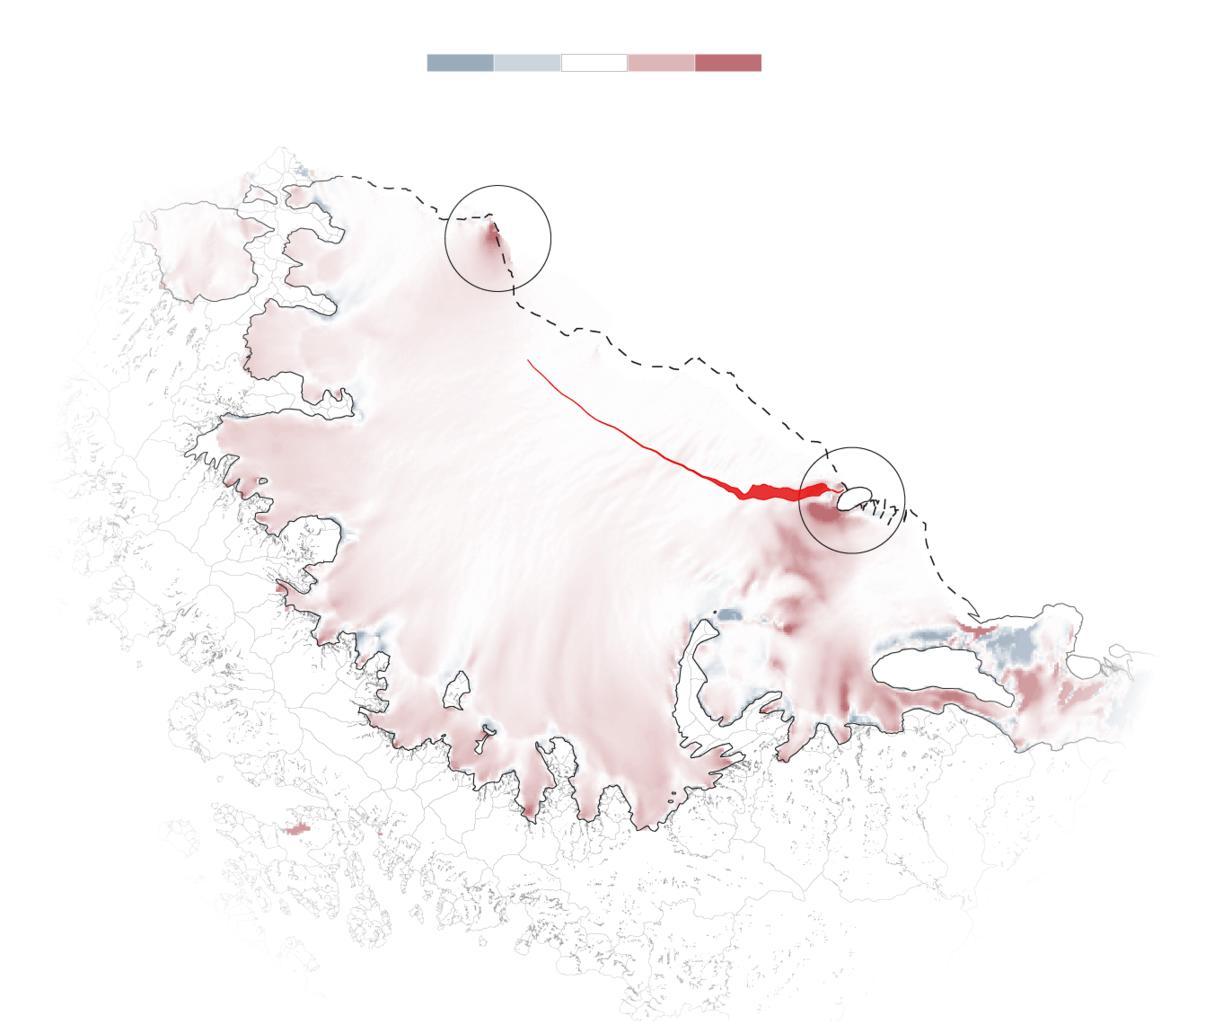 Antartide: si sta staccando un gigantesco blocco di ghiaccio-shelf-support-anchors-artboard_1.jpg